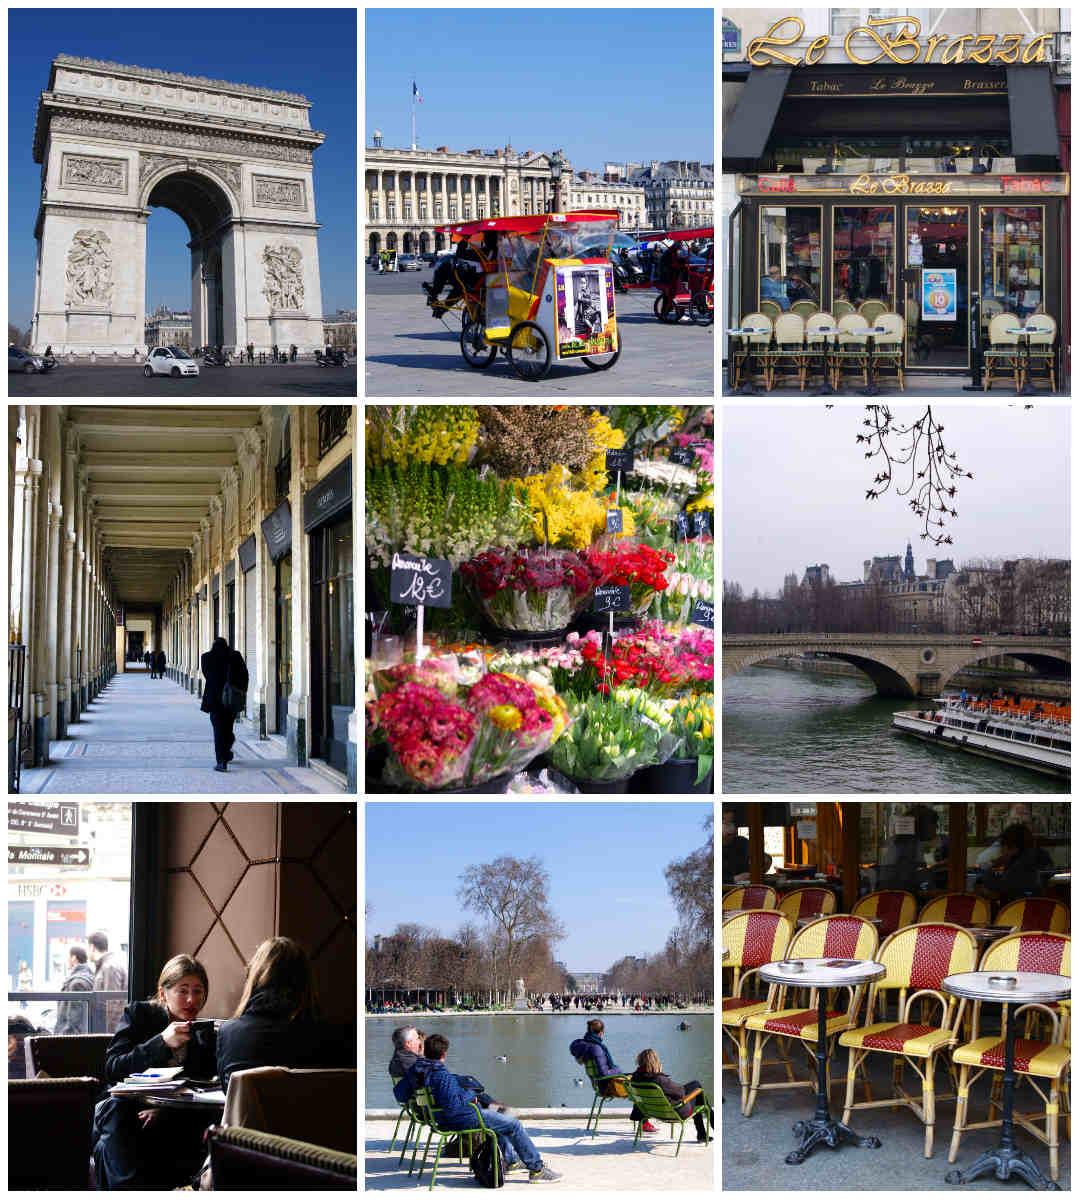 パリ散歩その8 最終回は「また行くよ、パリ!」_e0114020_18233640.jpg